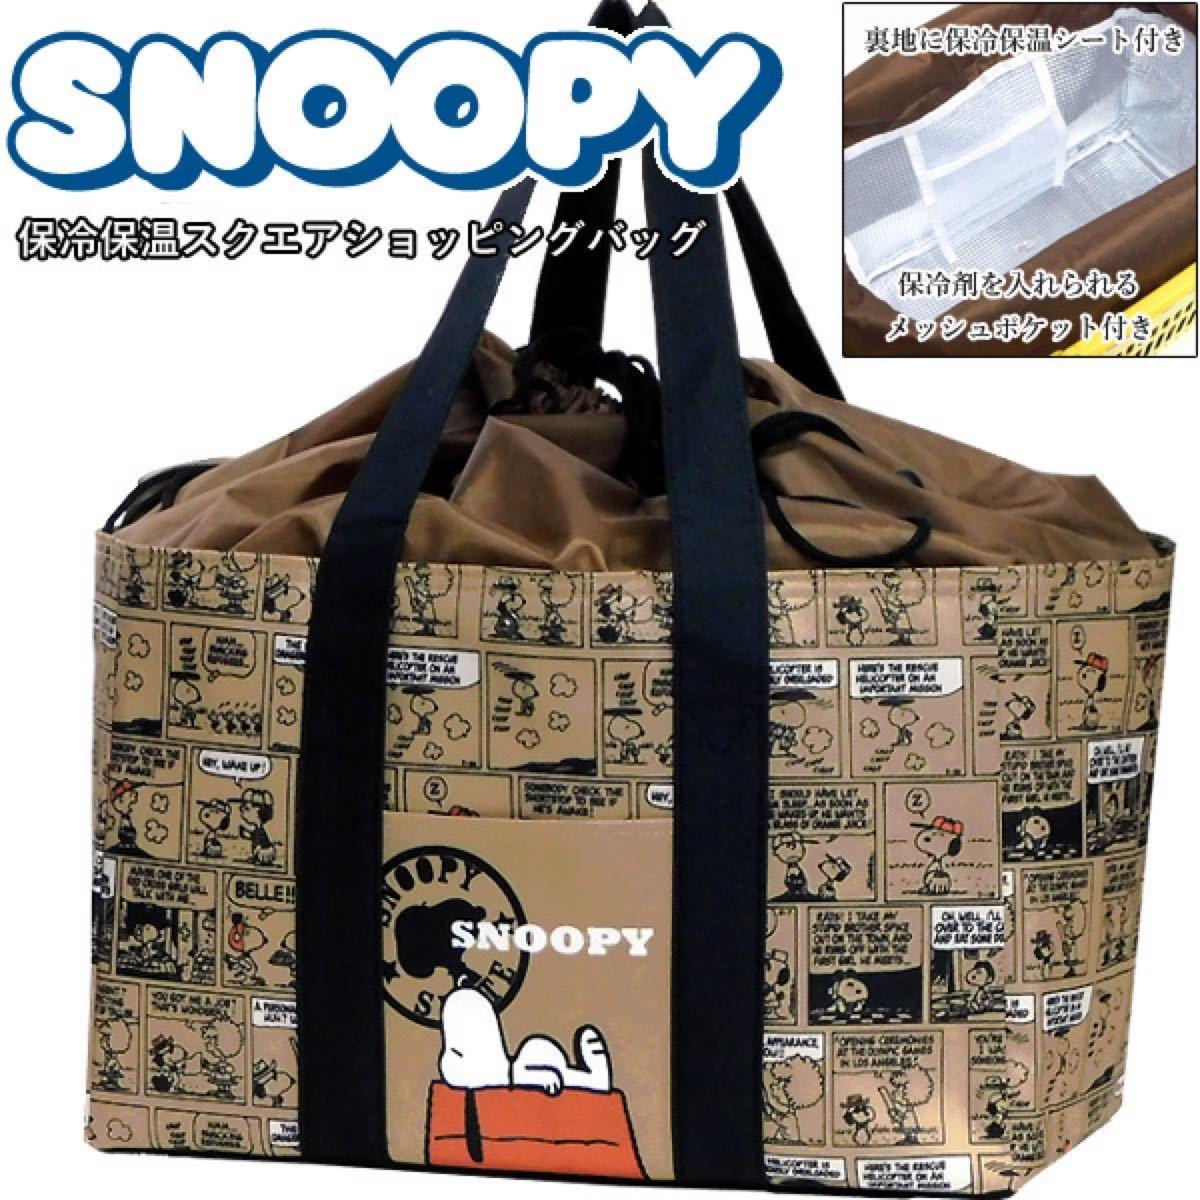 送料無料 スヌーピー 保冷バッグ 大容量 クーラーバッグ レジカゴバッグ エコバッグ  ショッピングバッグ レジバッグ ブラウン